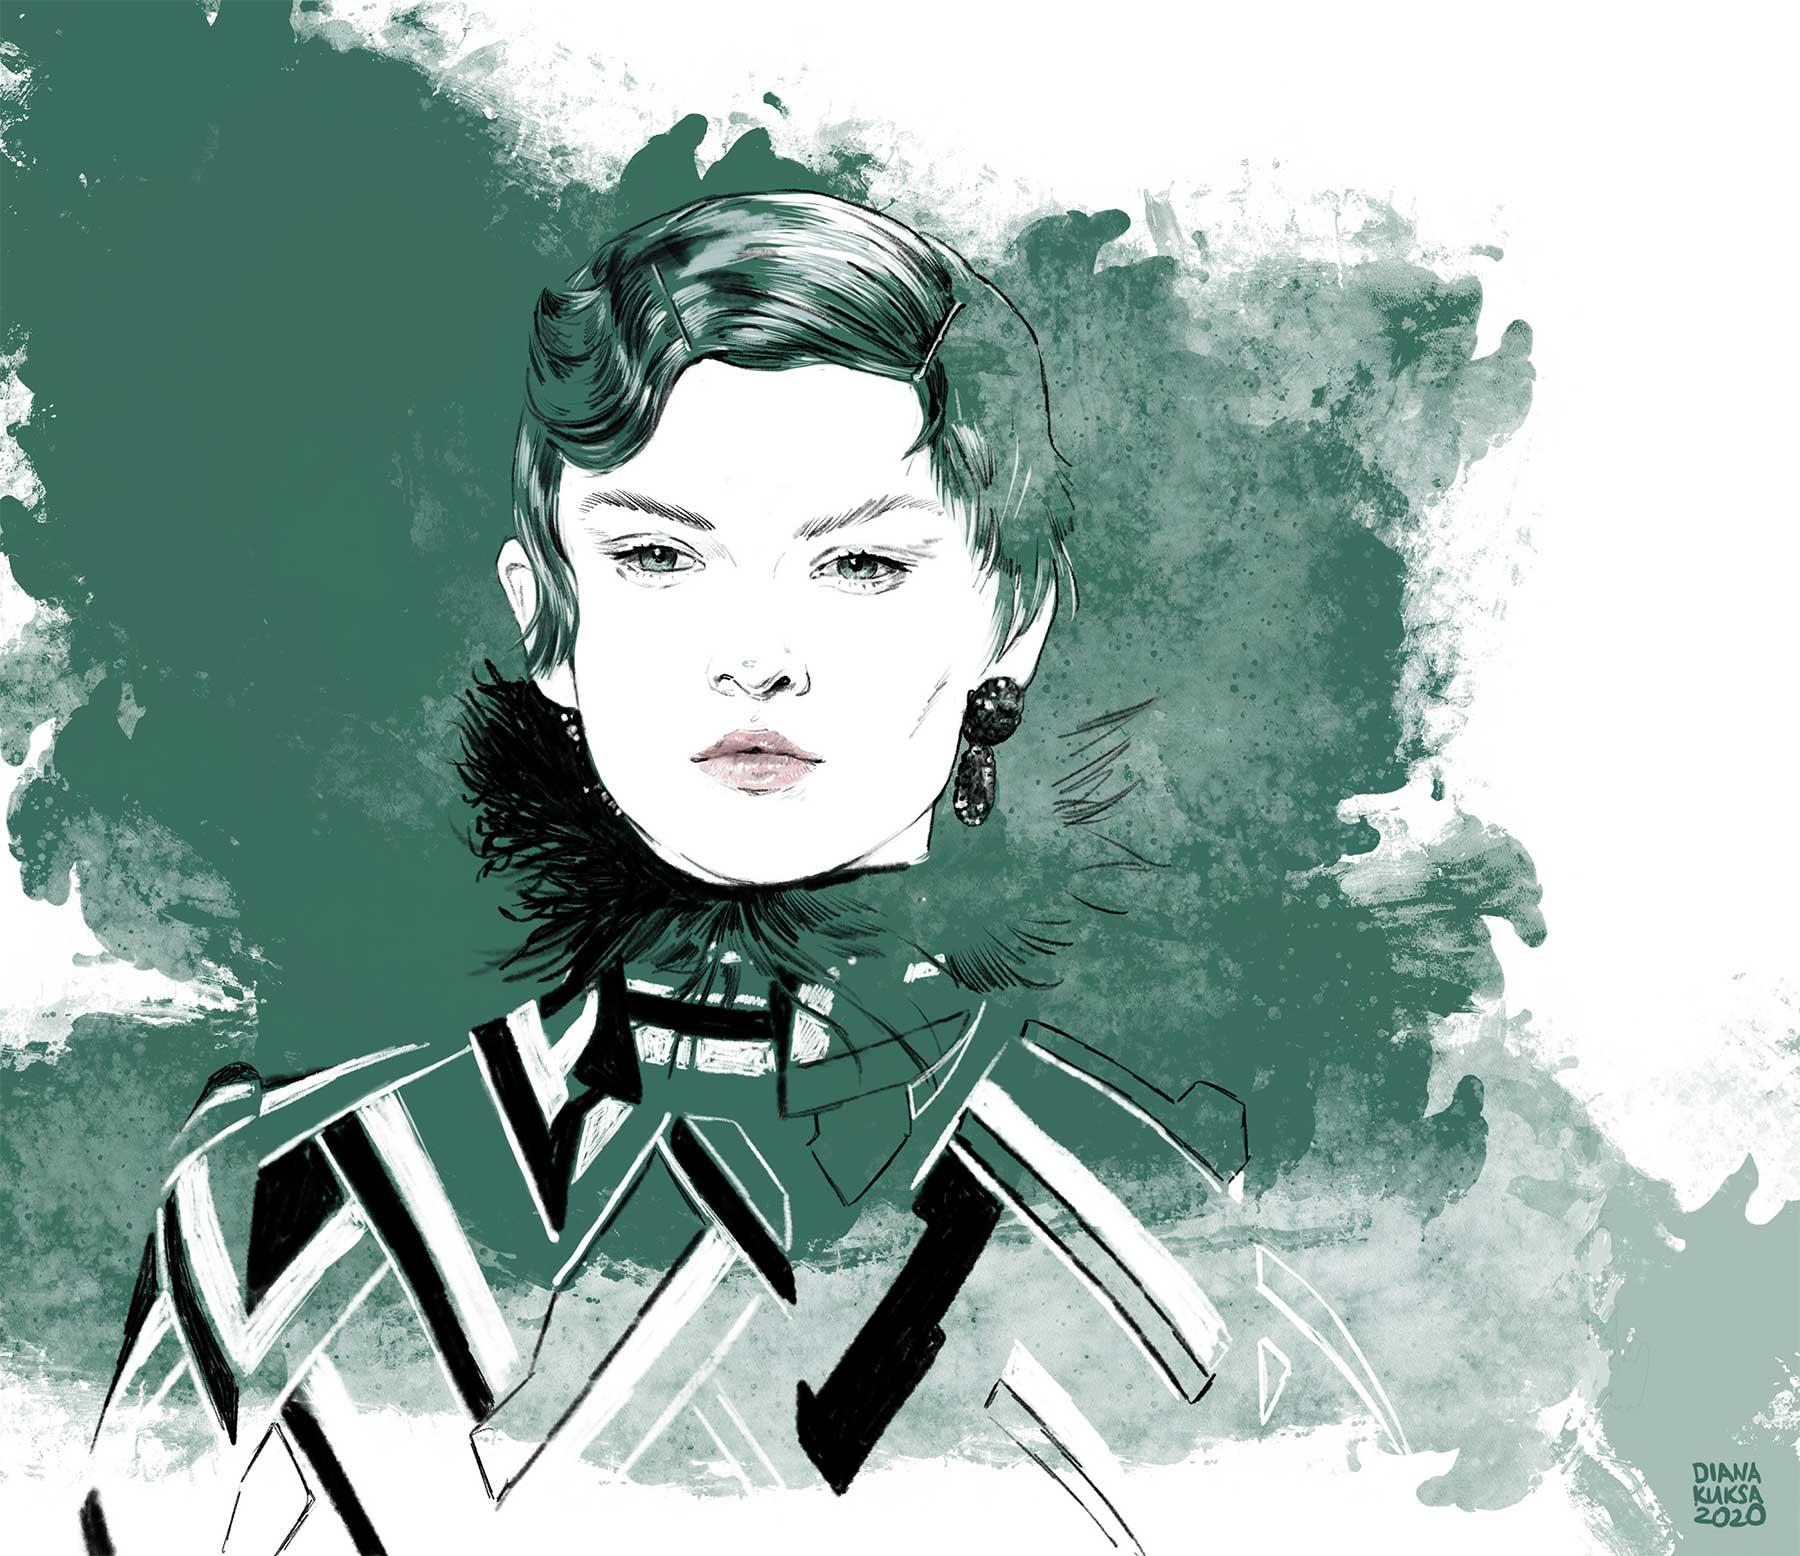 Digital Paintings von Diana Kuksa Diana-Kuksa-digital-paintings_07